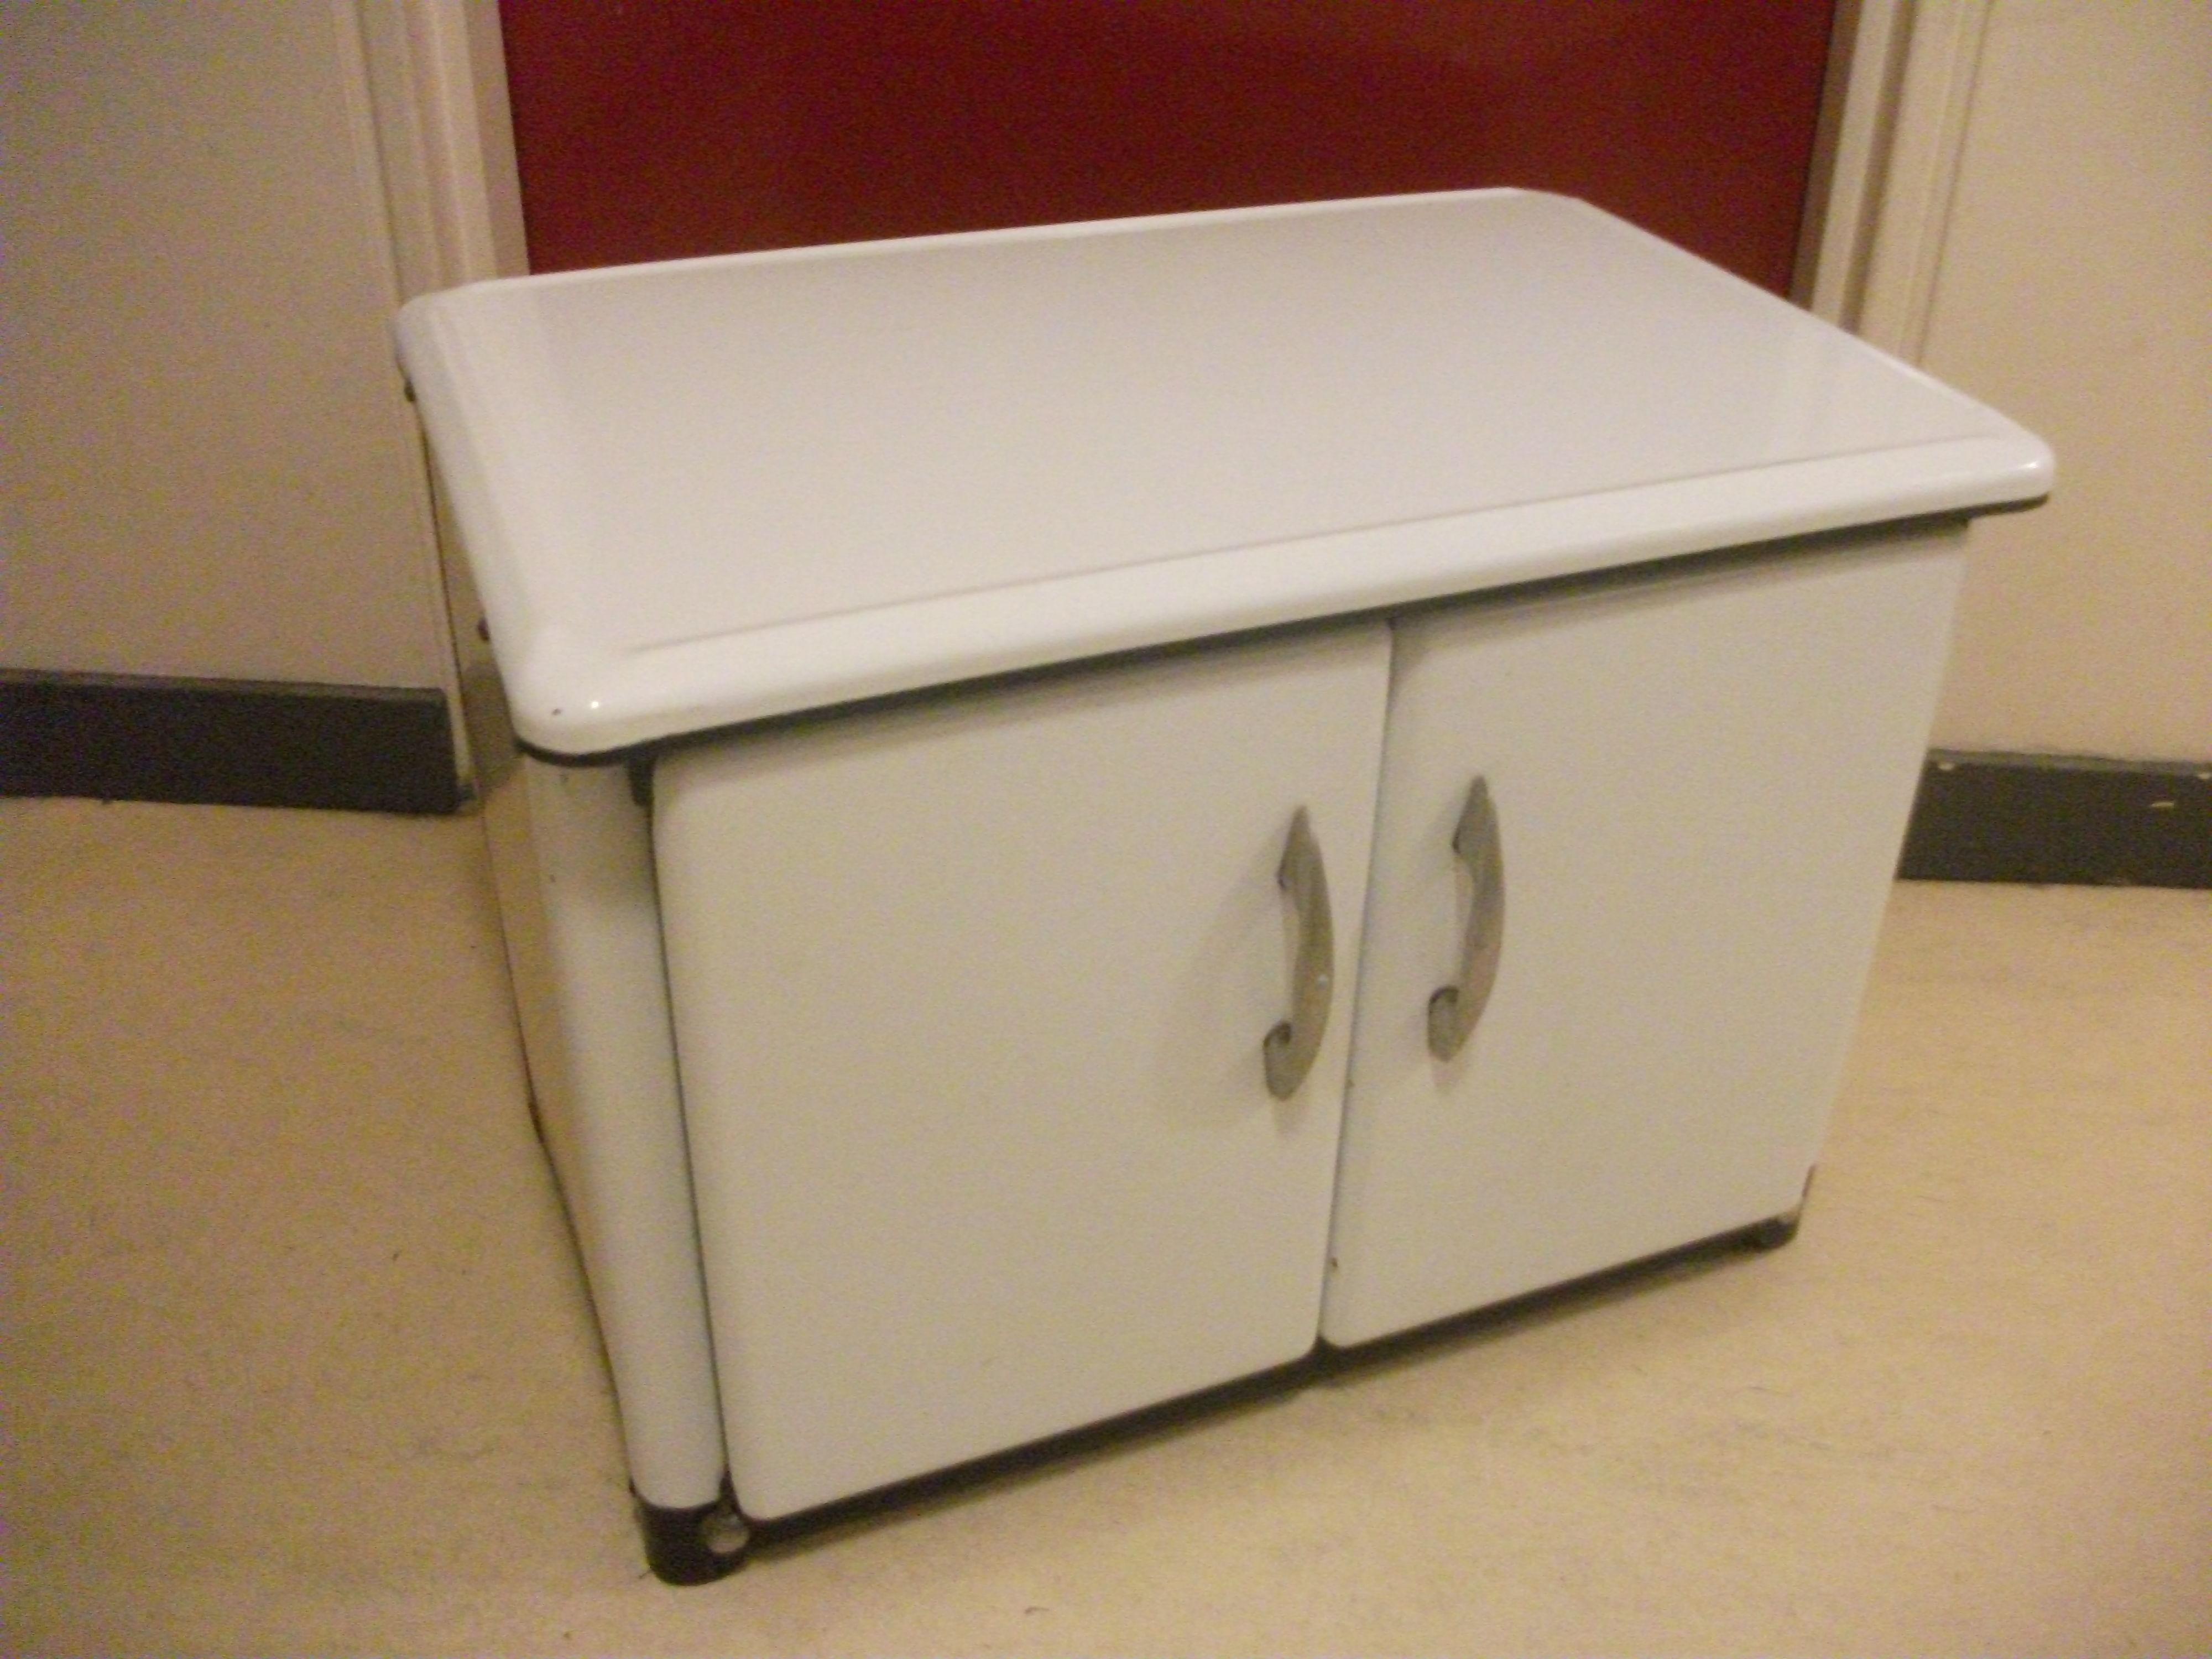 meuble cuisine en metal etagres de cuisine meuble. Black Bedroom Furniture Sets. Home Design Ideas